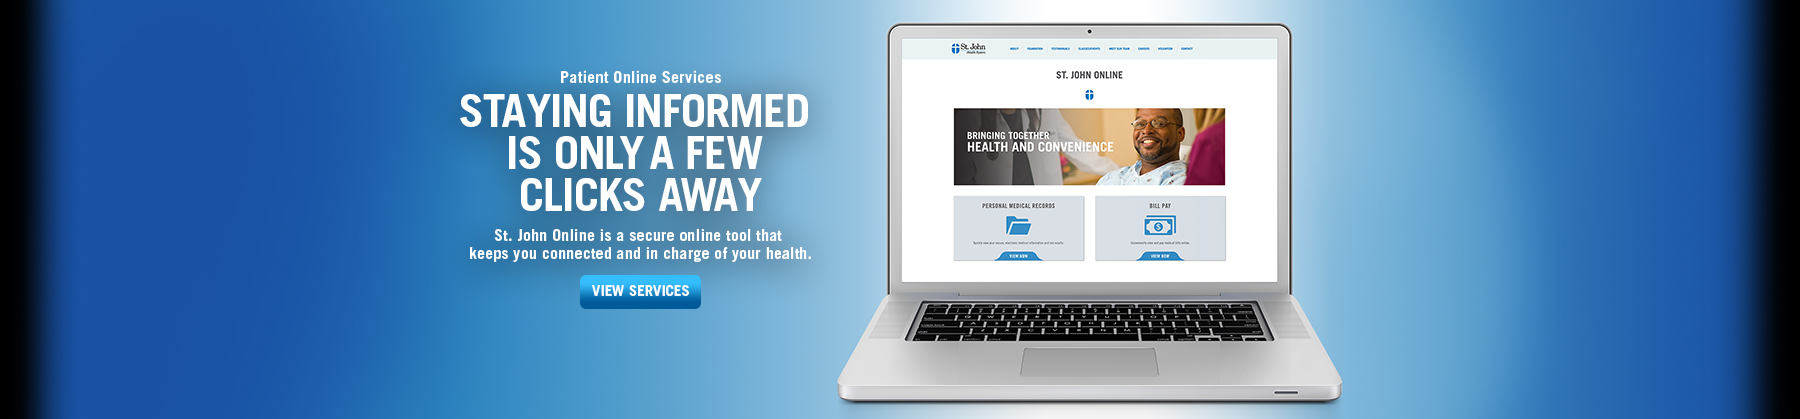 Patient Online Services